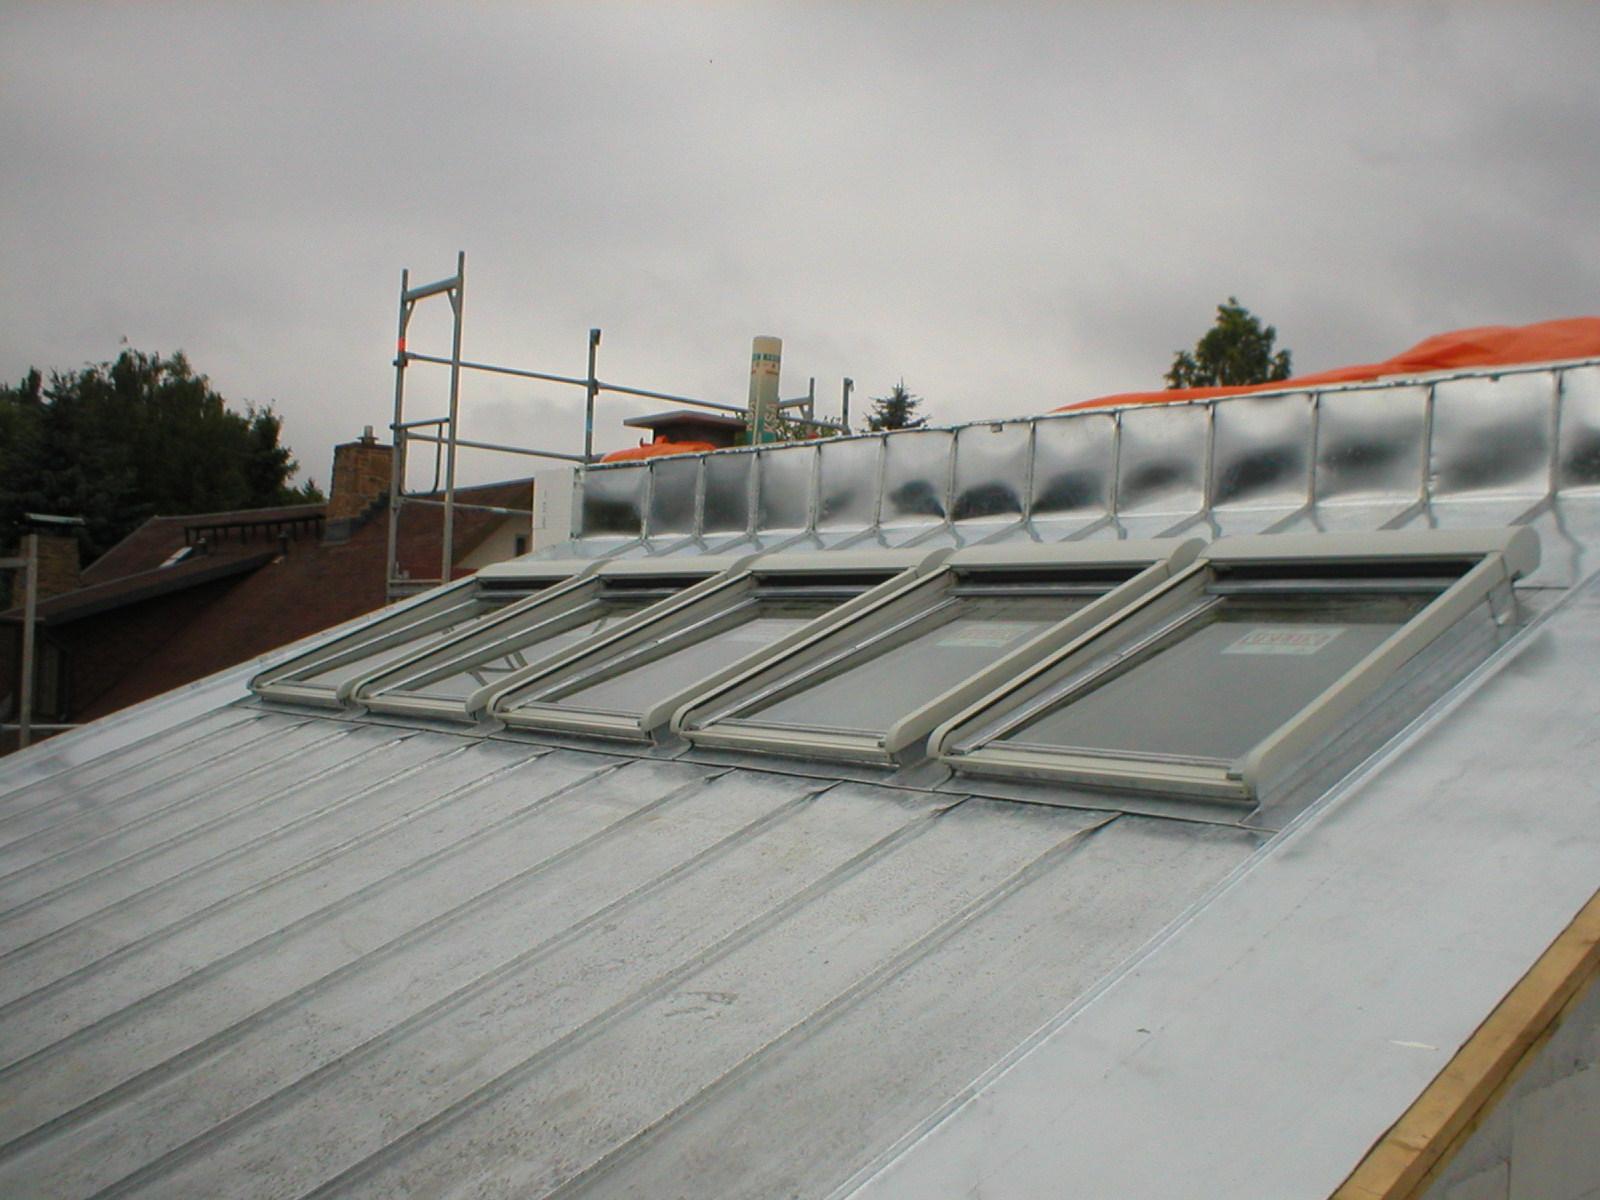 Fabulous Einbau und Wartung Dachflächenfenster Leipzig - JENS SCHÄFFER XU15